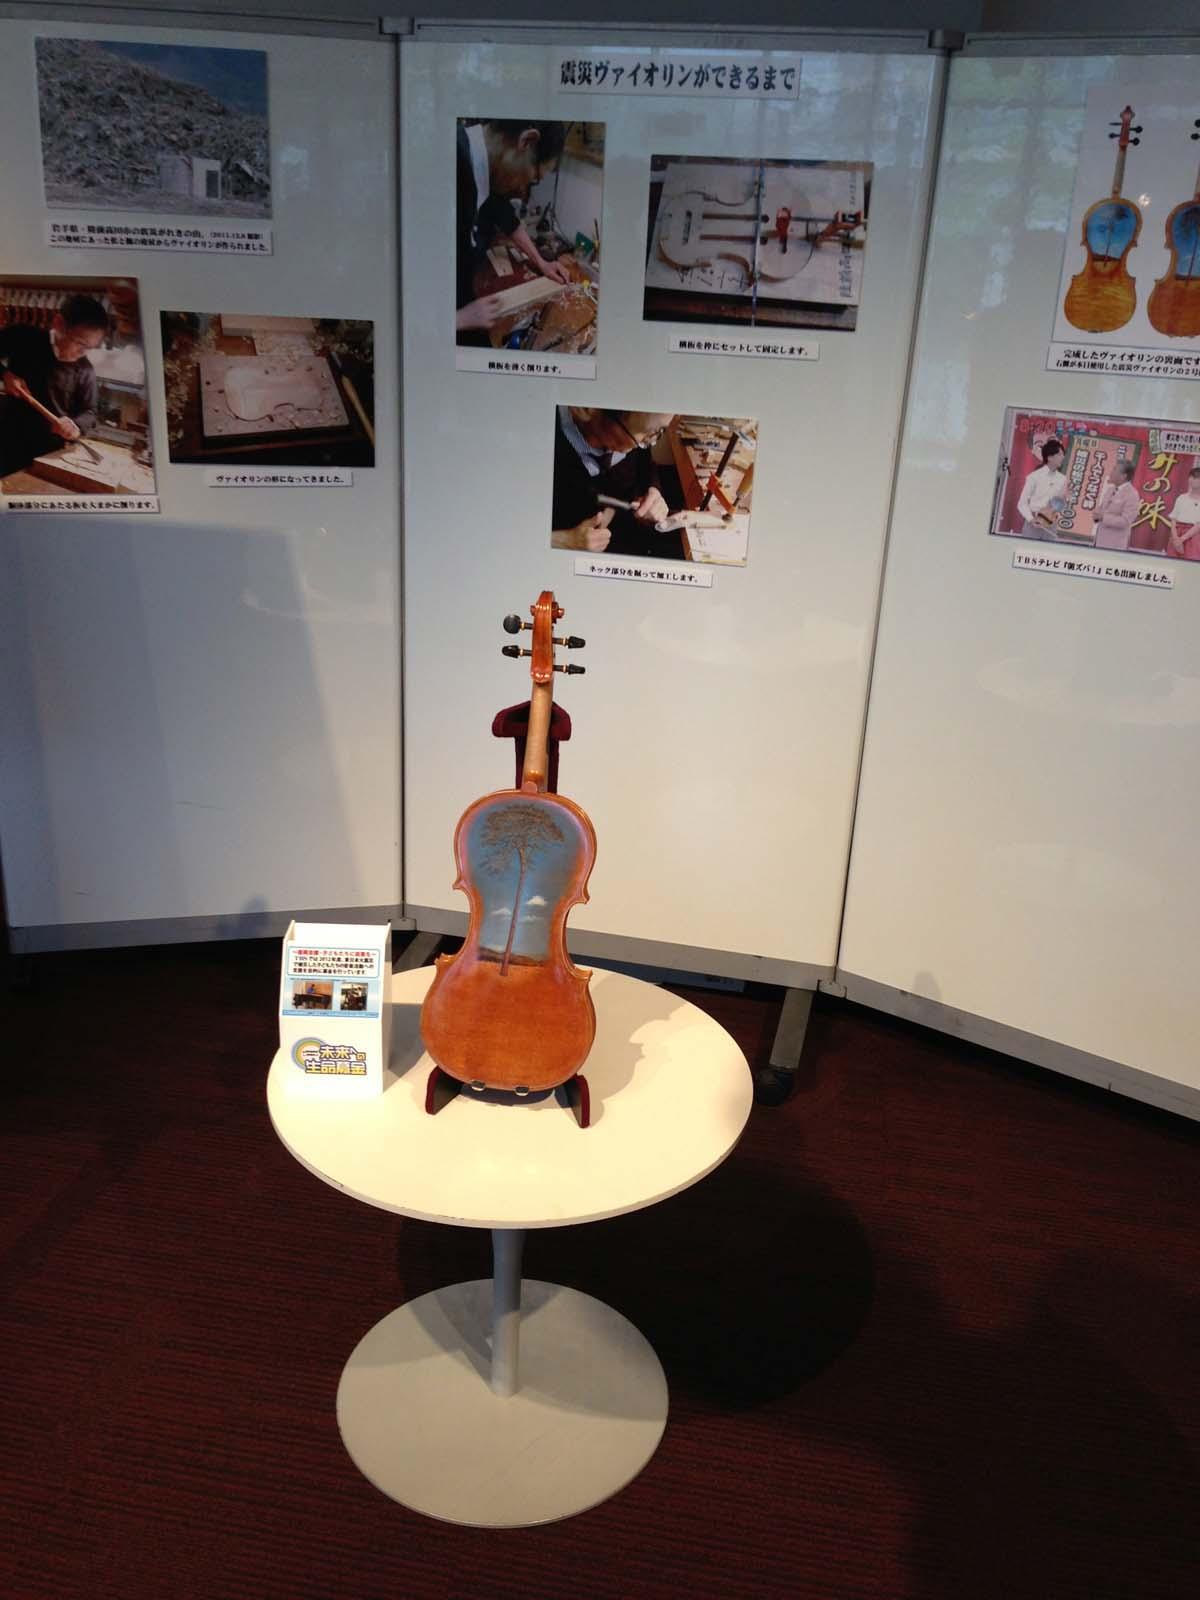 震災のヴァイオリンを聴いた夜_a0271402_1634095.jpg